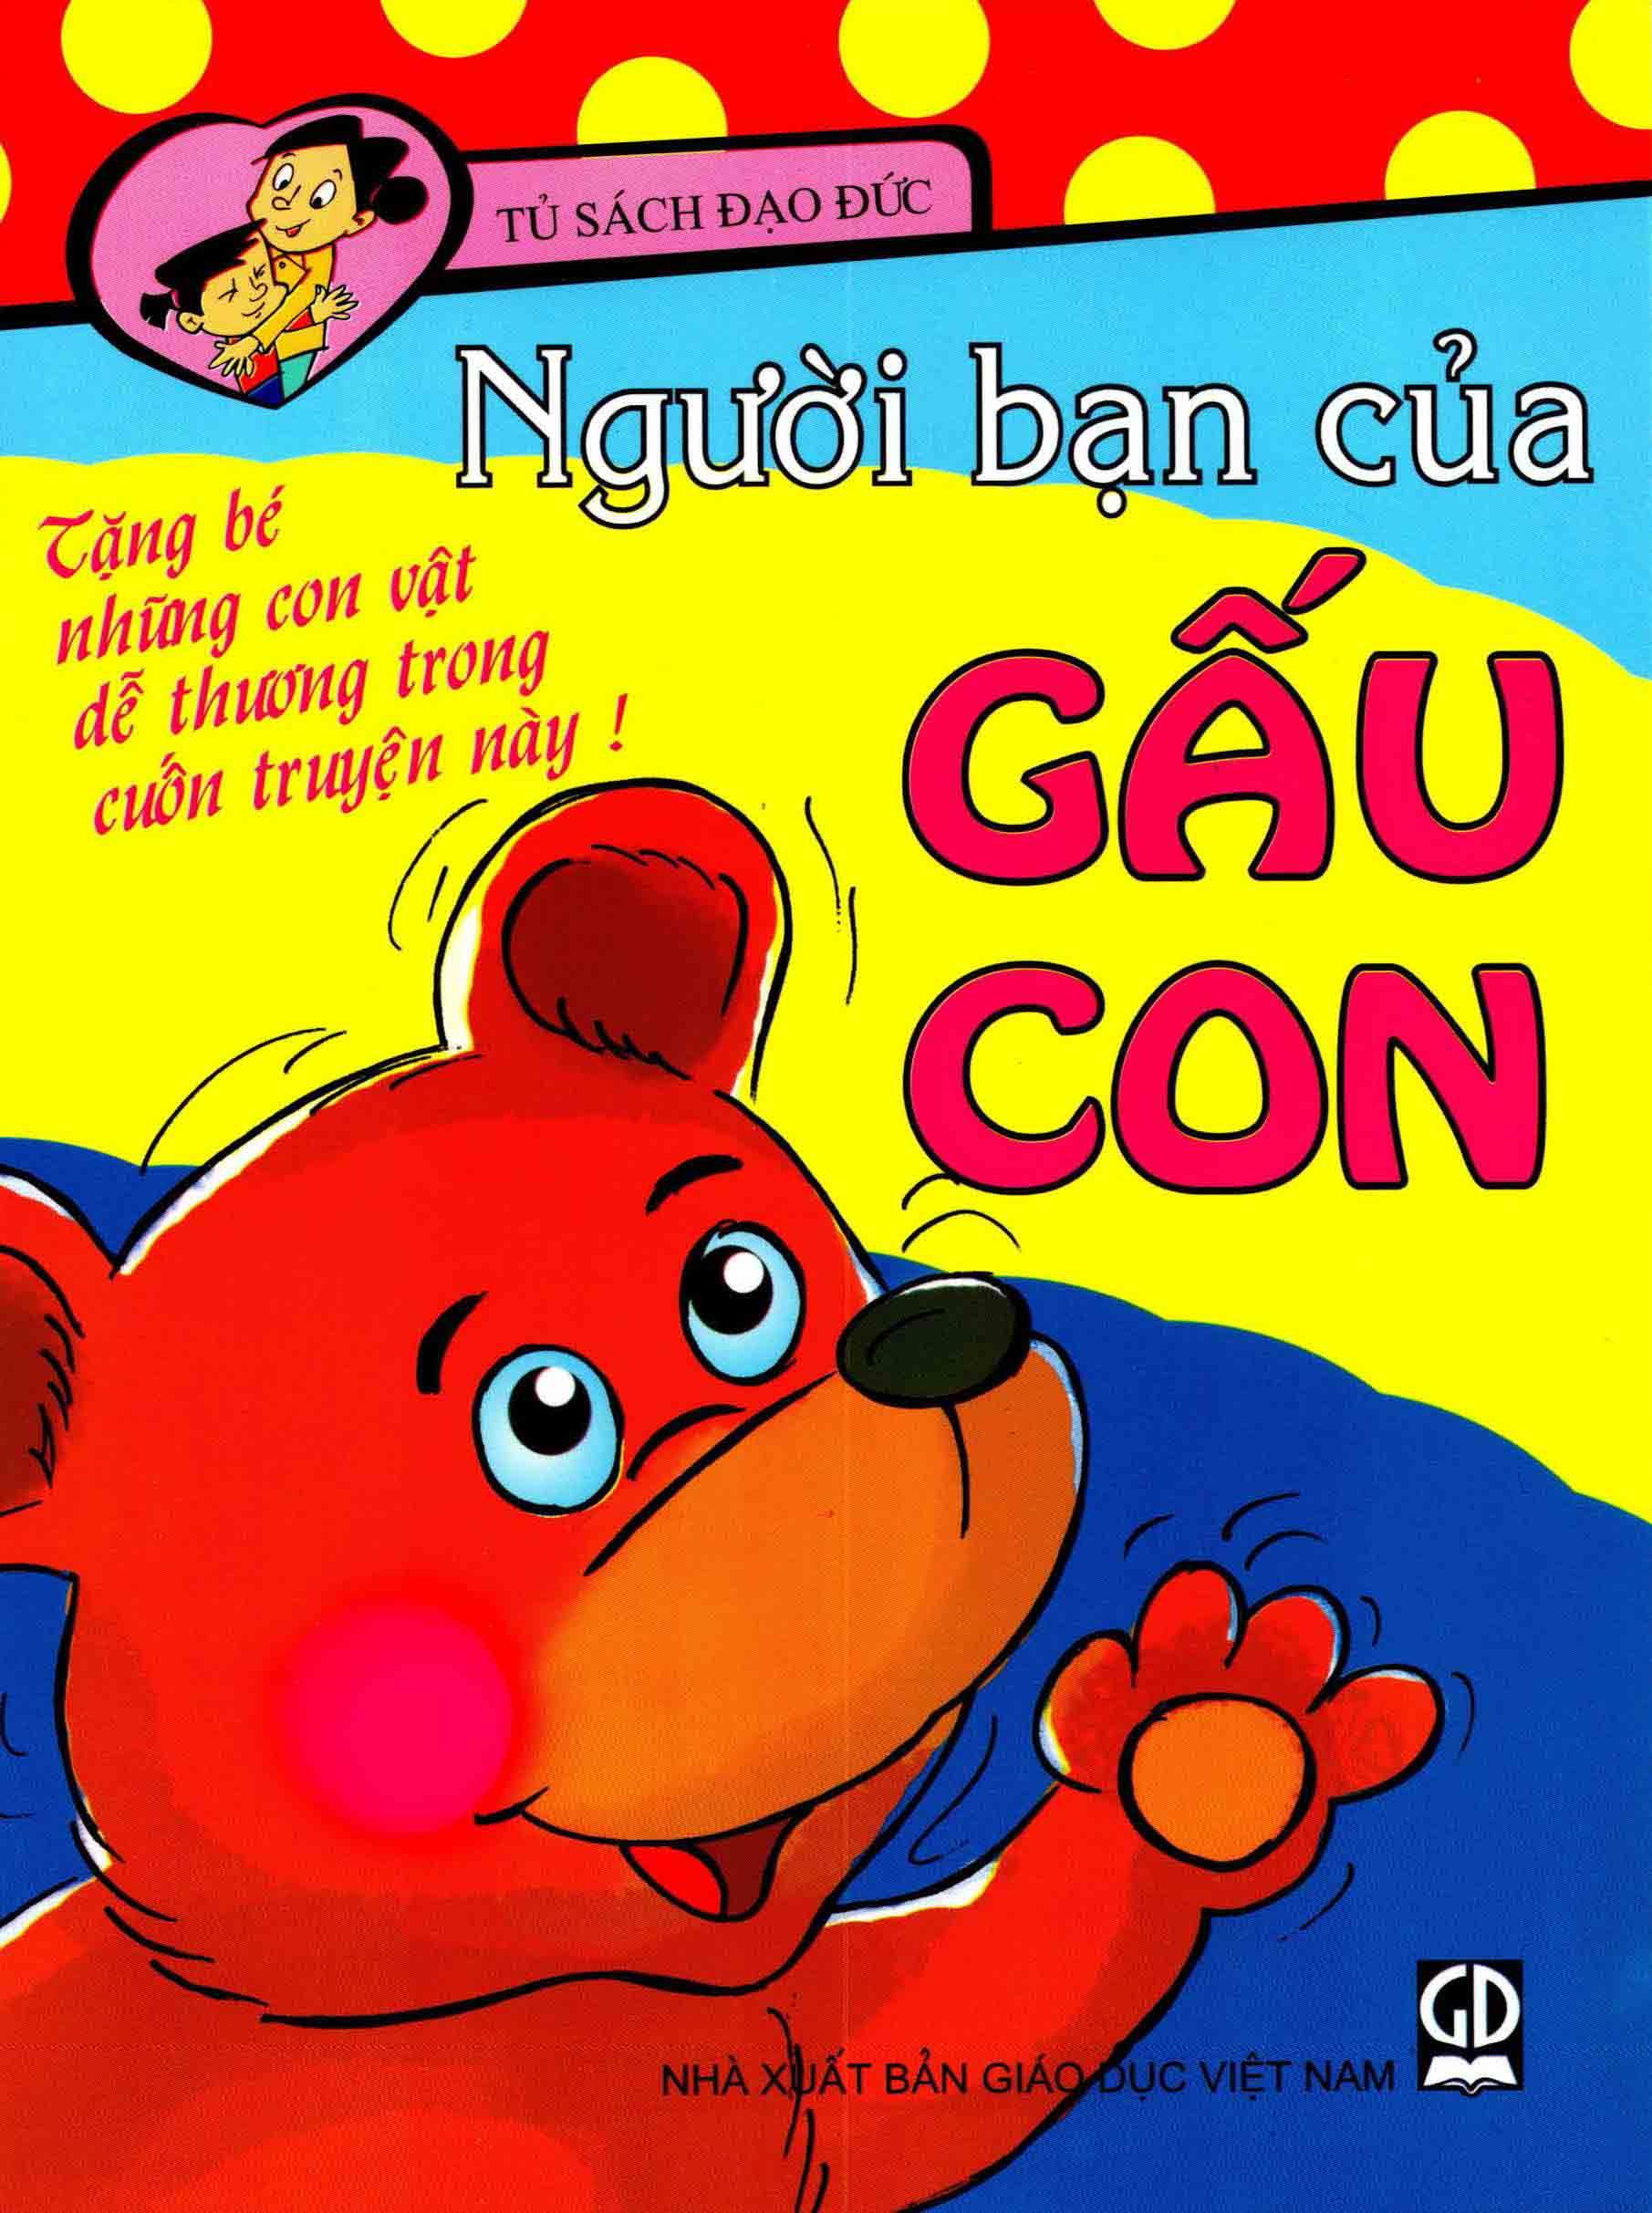 Người bạn của gấu con: Tủ sách đạo đức